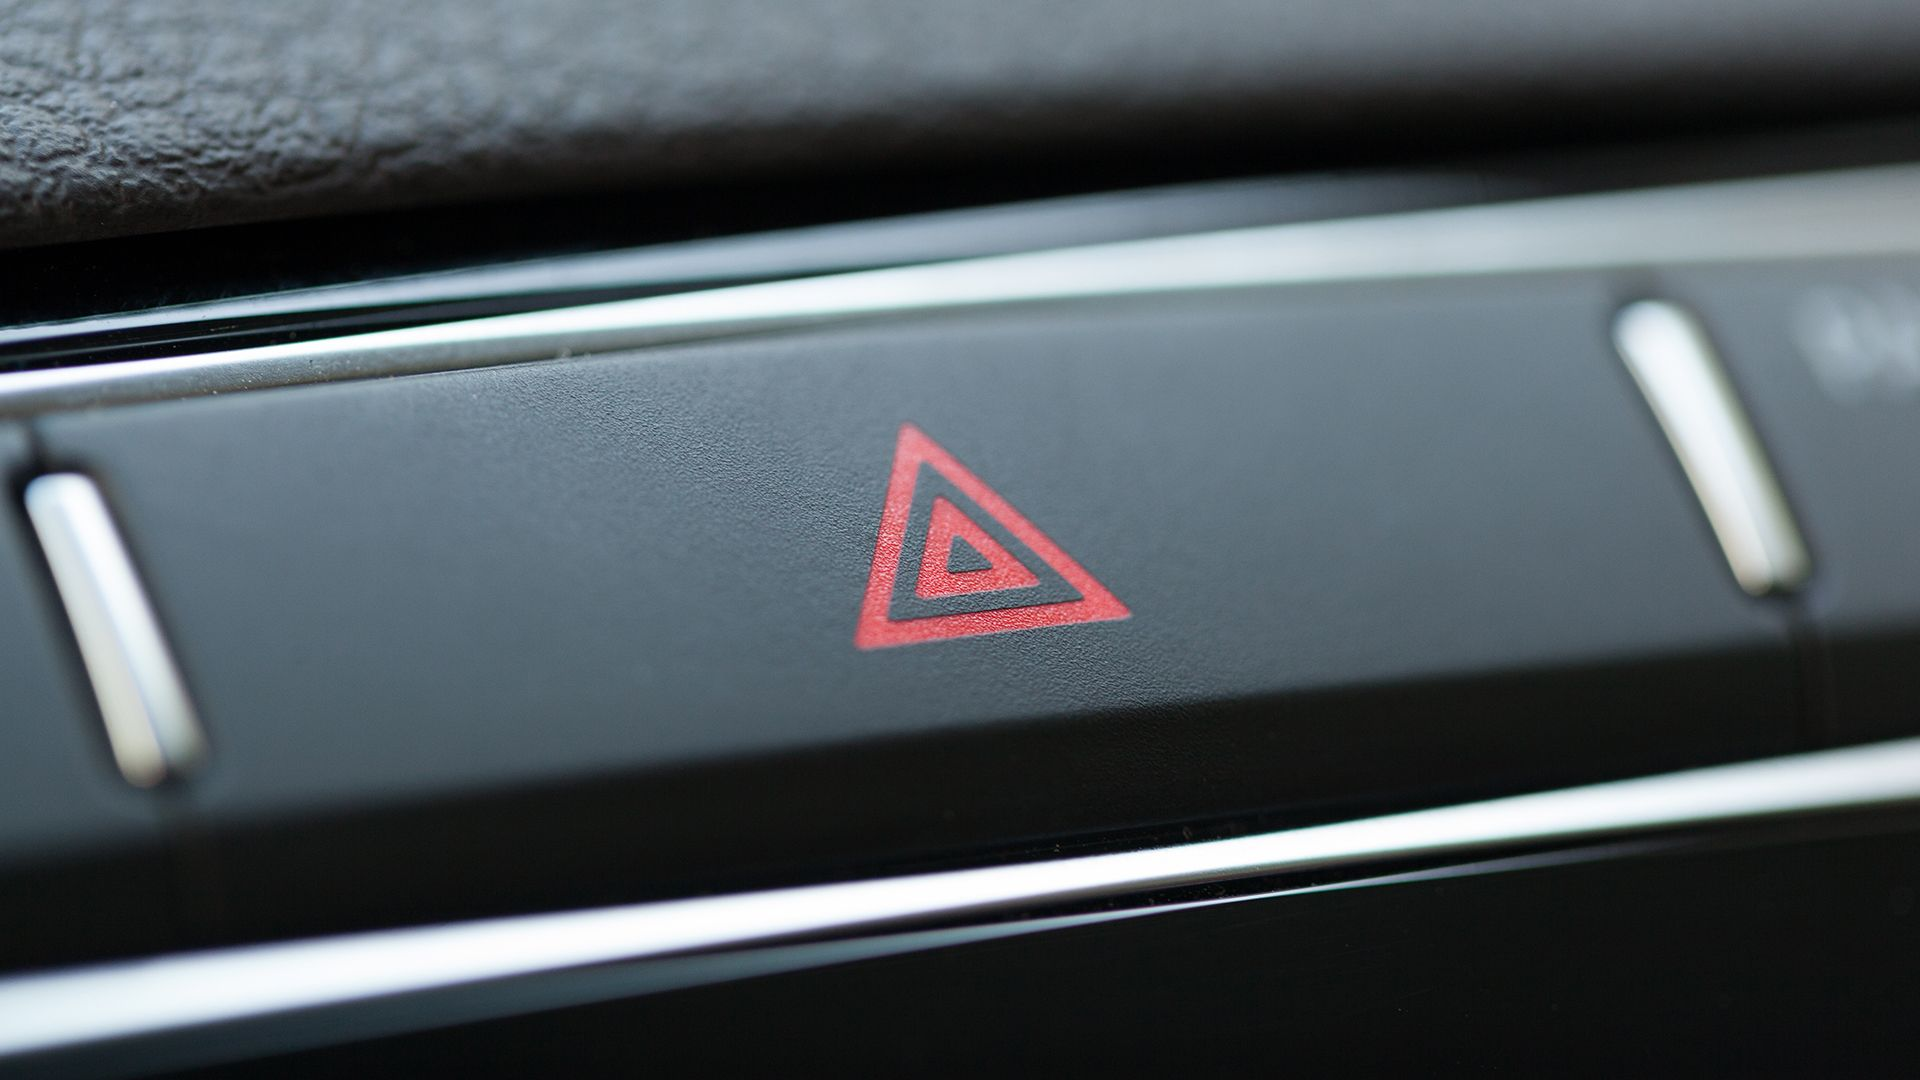 Hätävilkku-painike autossa